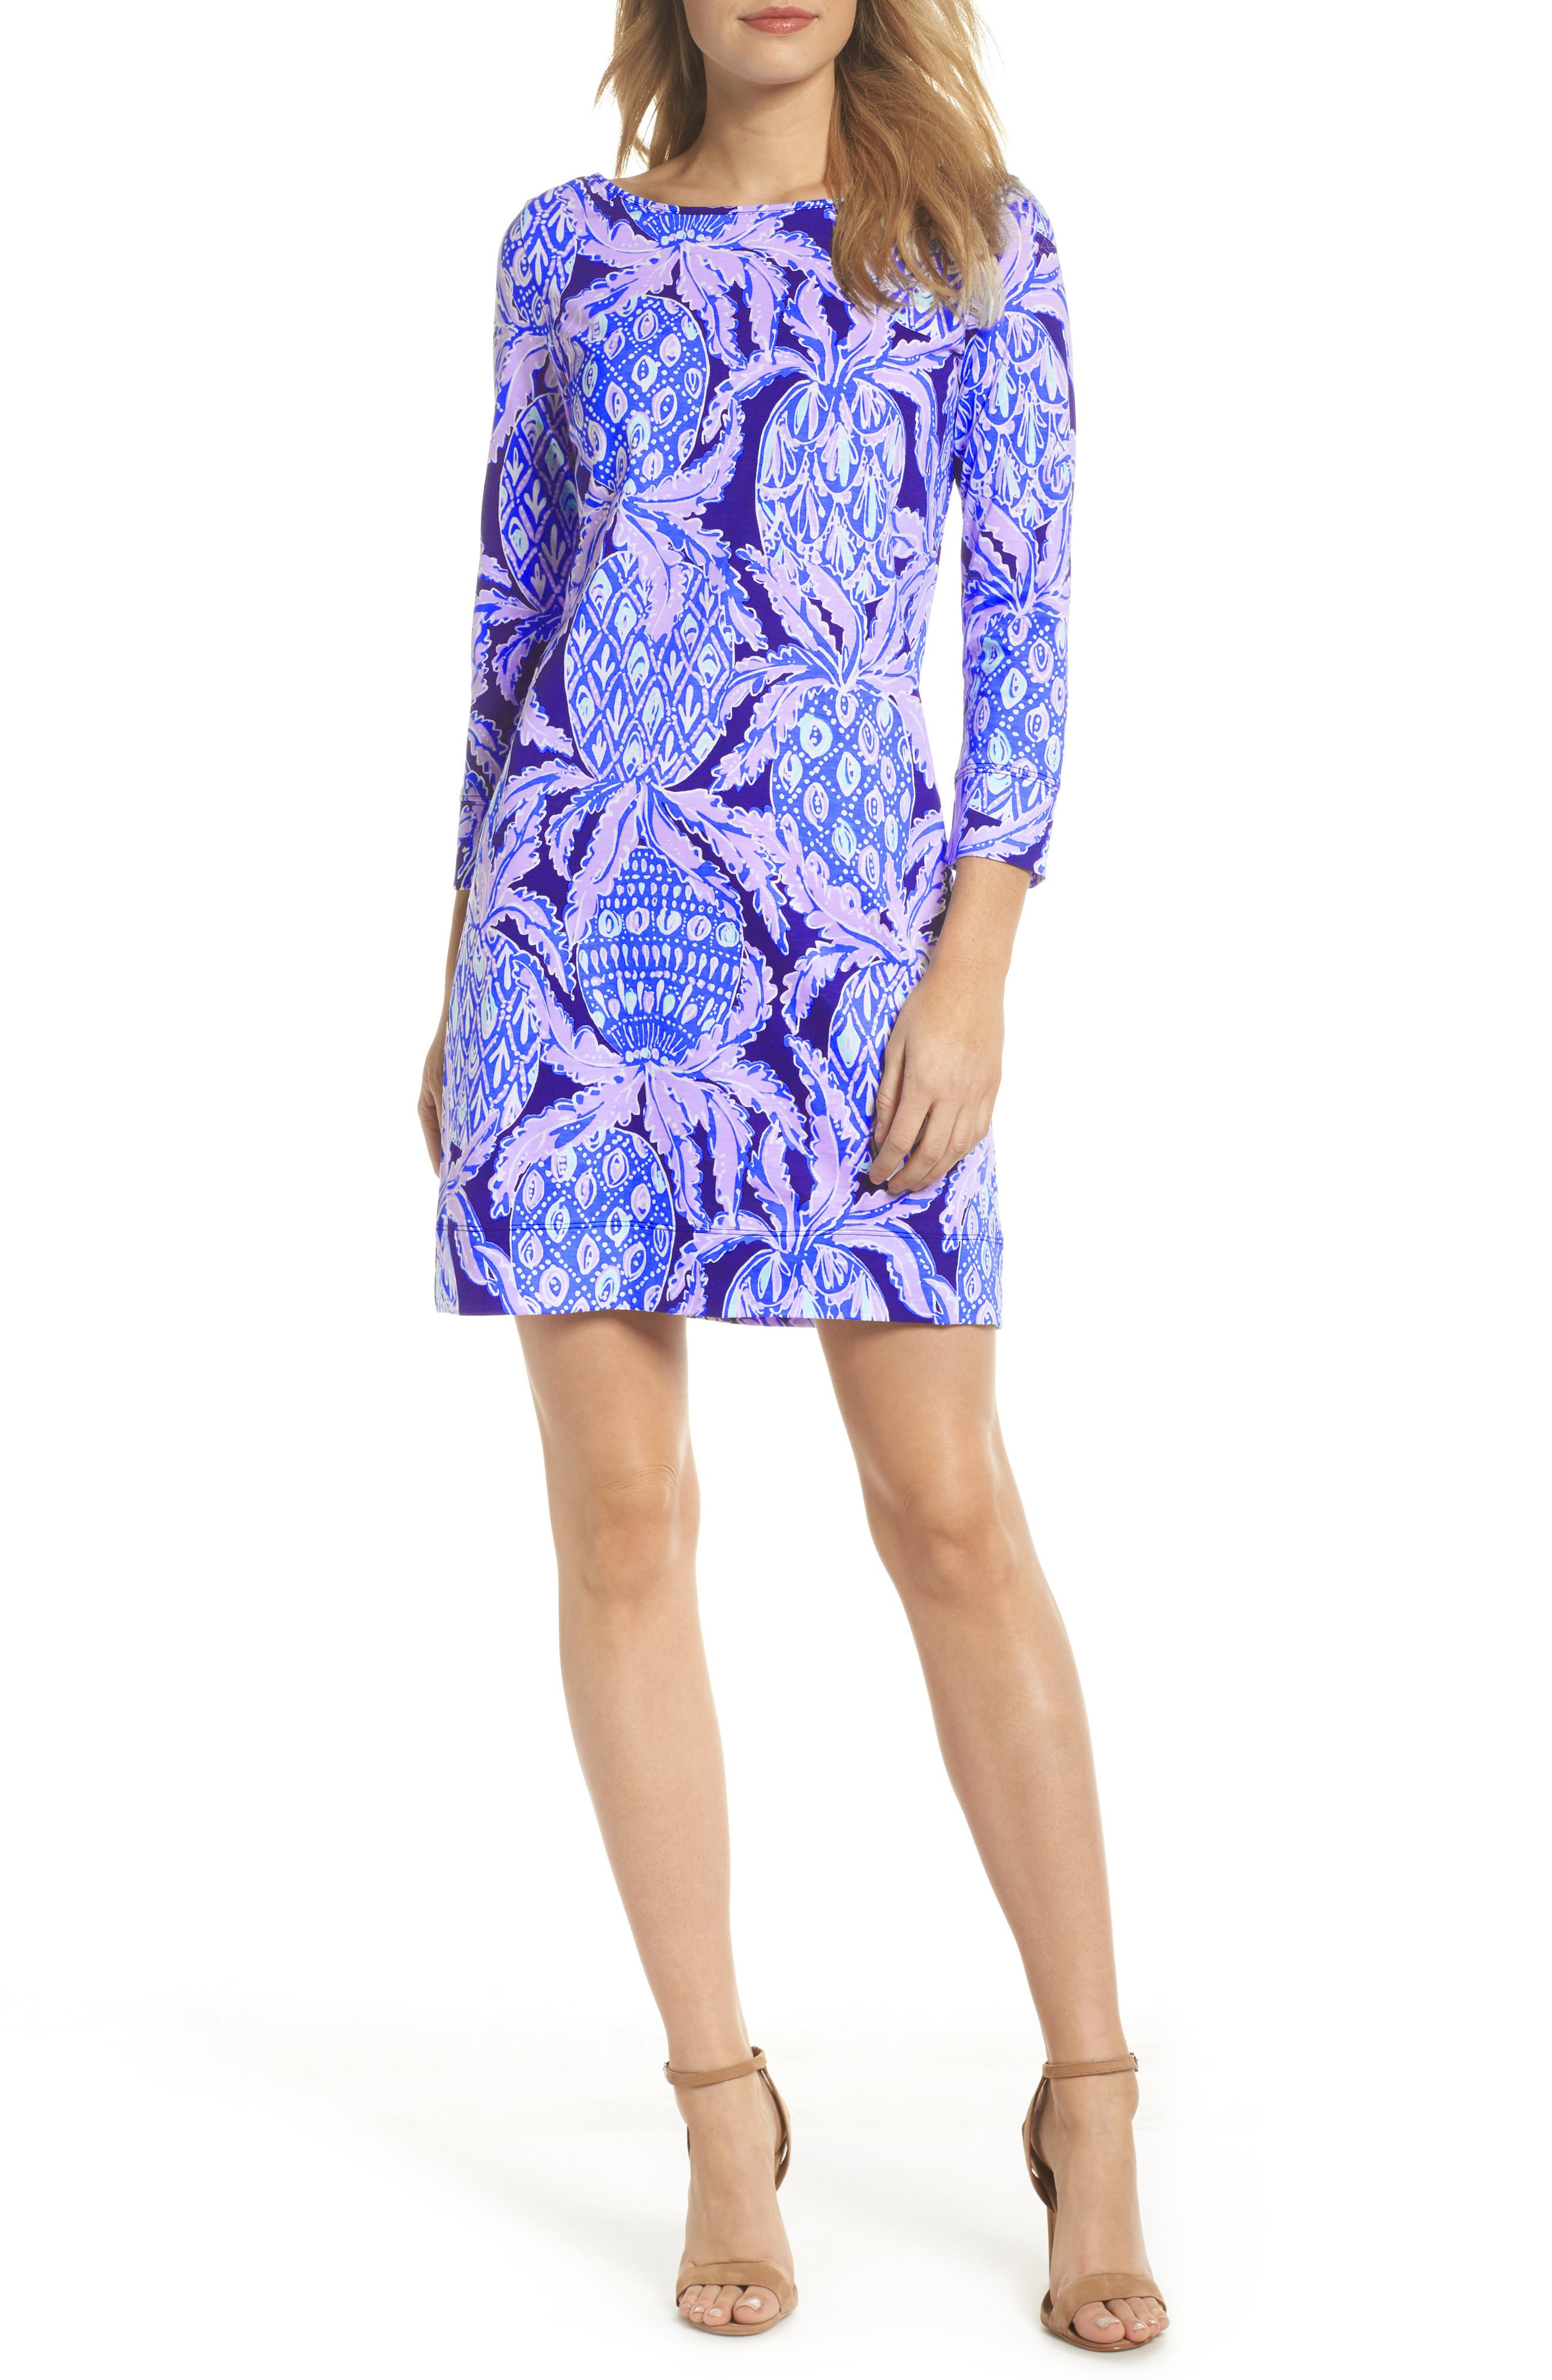 Lilly Pulitzer® Marlowe Shift Dress